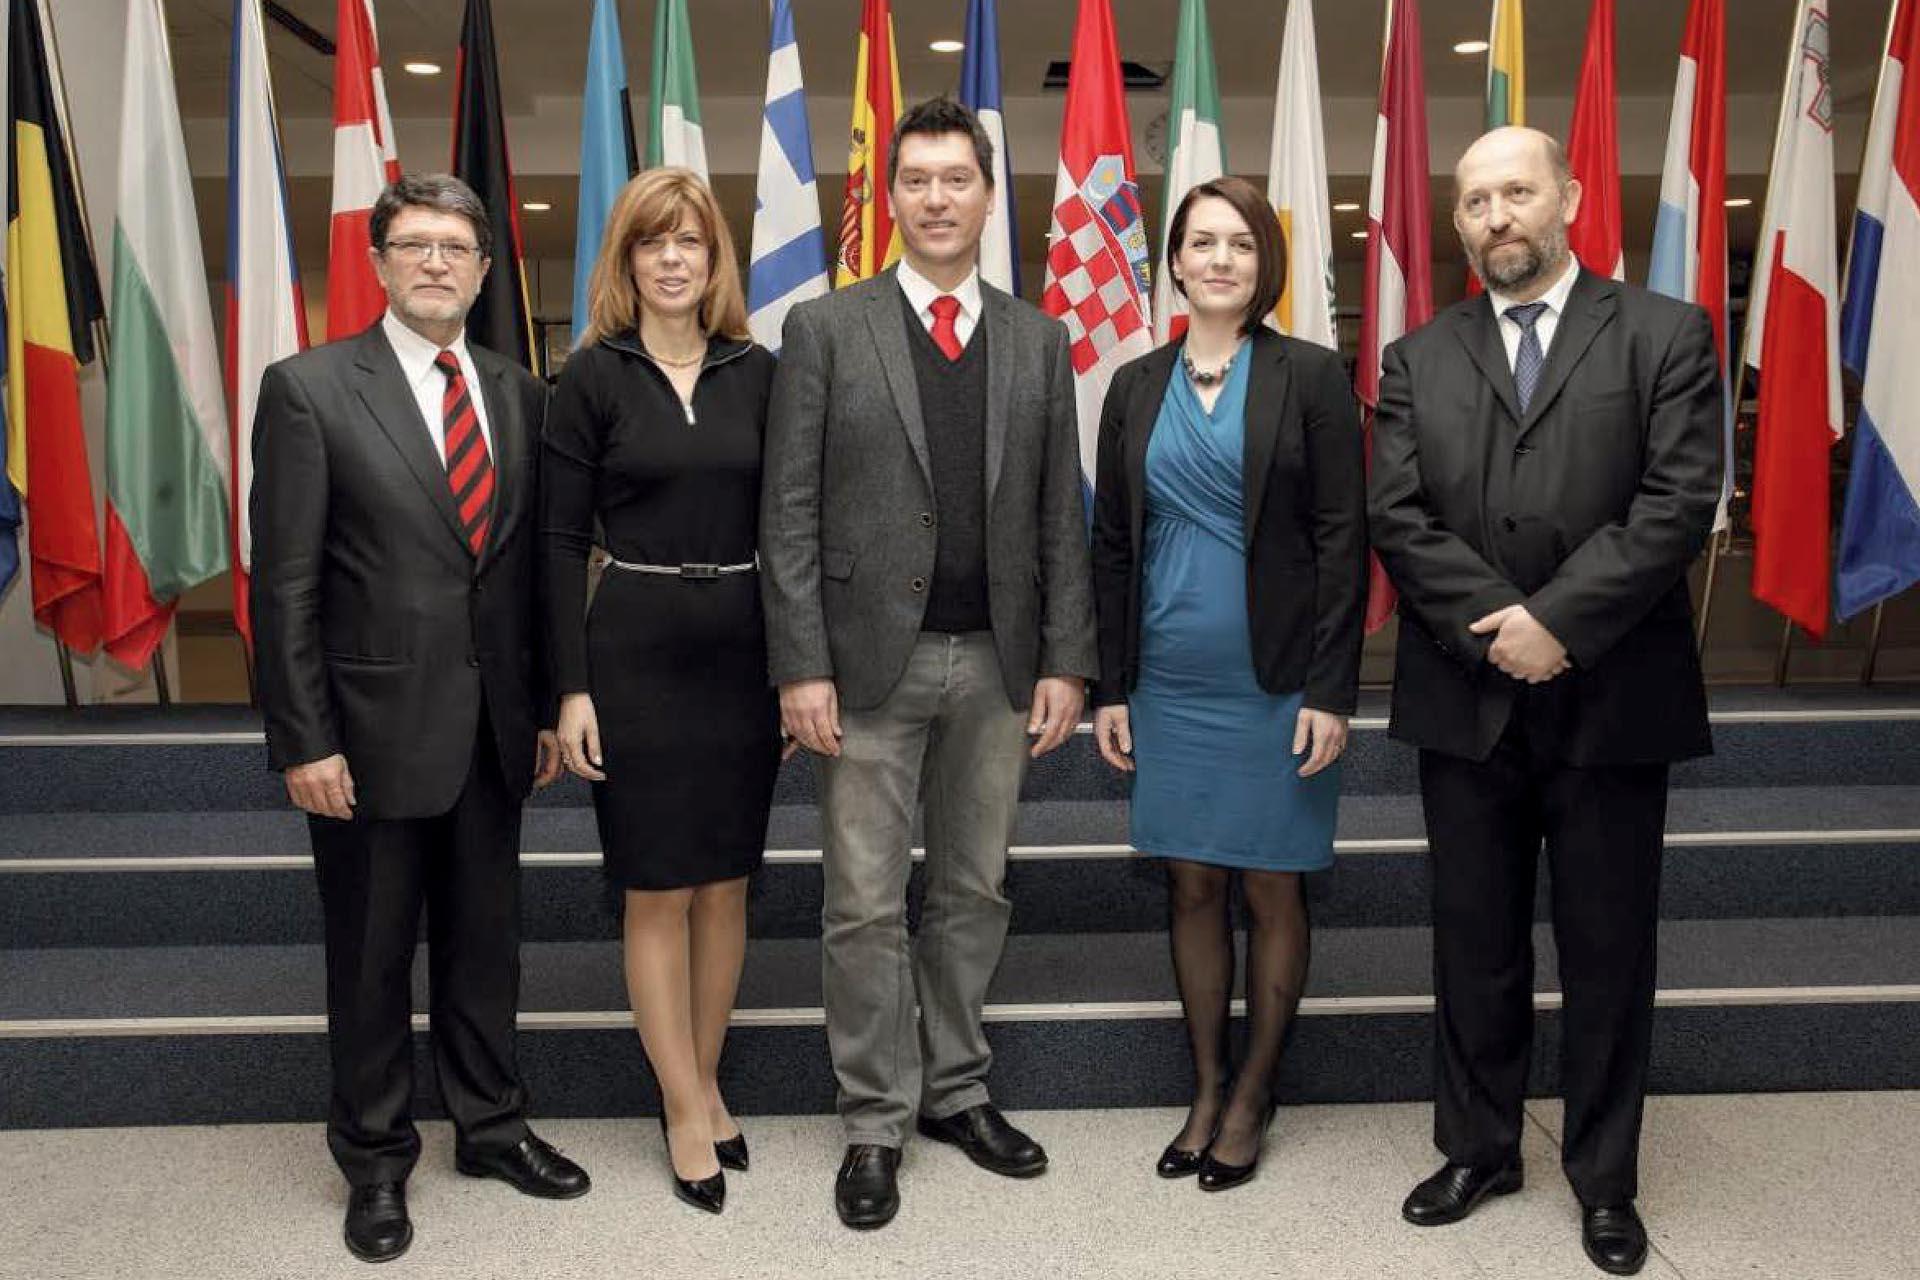 ČLANOVI HRVATSKE DELEGACIJE U EP-u IZ SDP-a IZABRANI 2013 | Foto: IZLOŽBA '120 GODINA HRVATSKE SOCIJALDEMOKRACIJE'